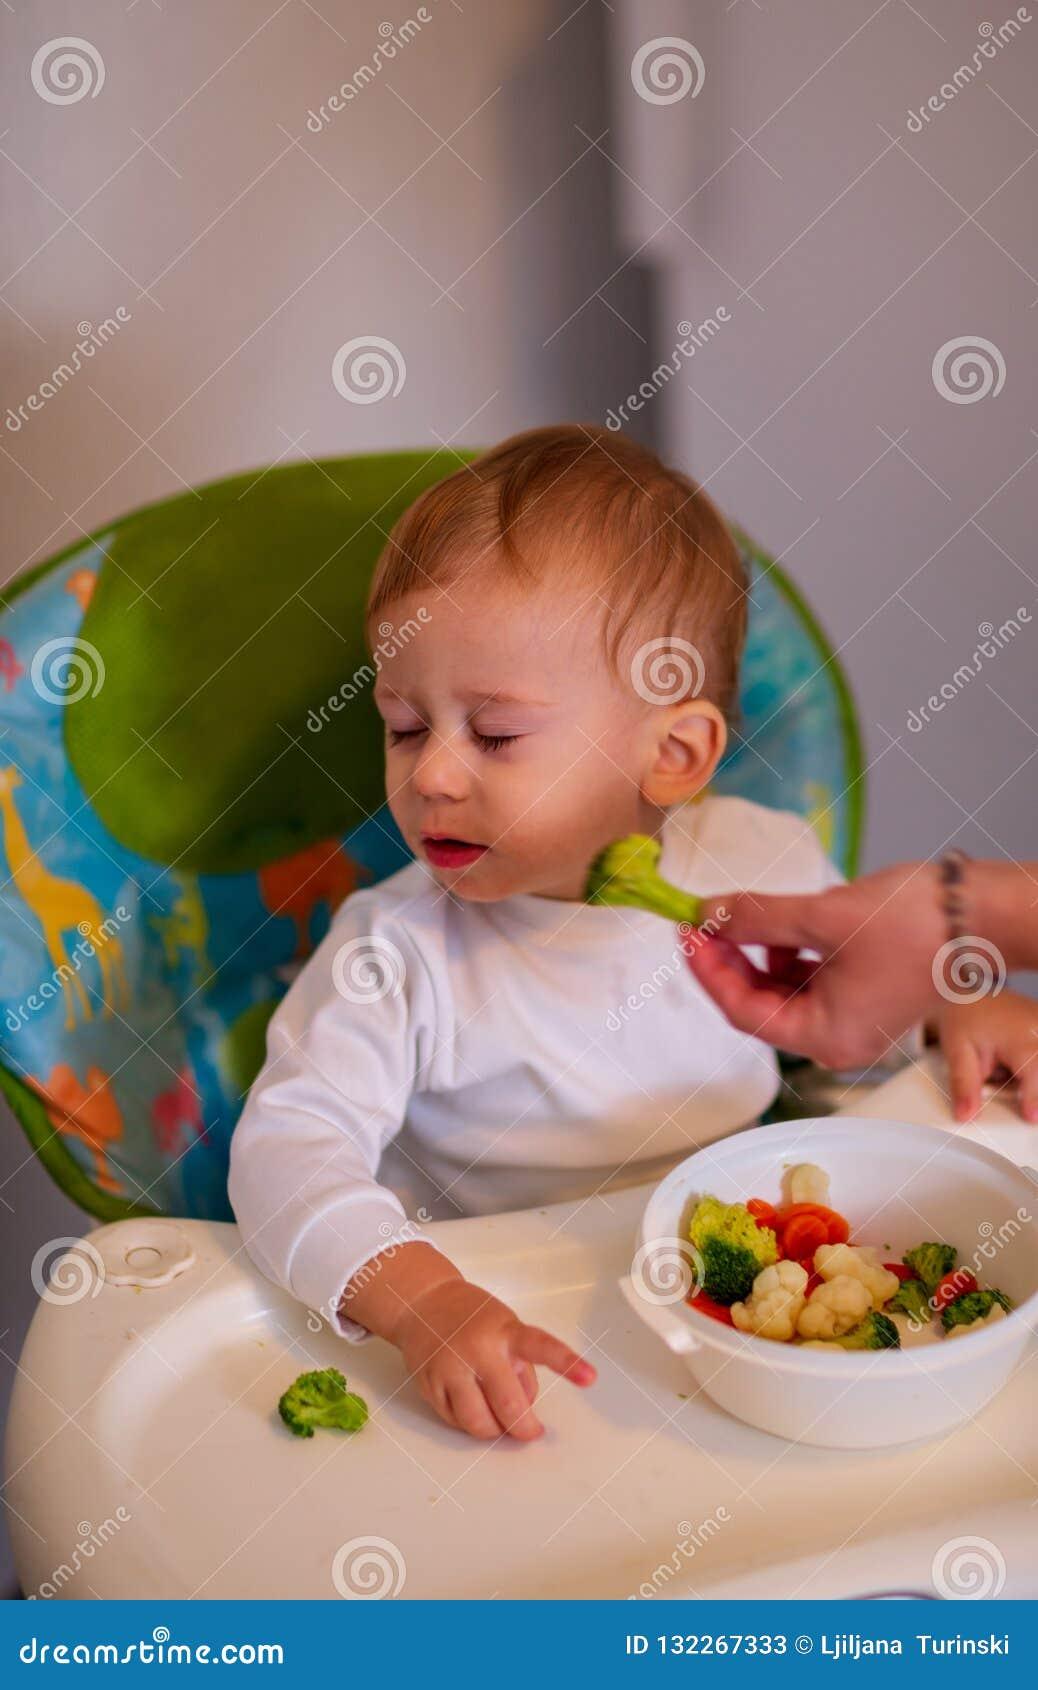 Bébé de alimentation avec des légumes - le beau bébé refuse de manger le broc